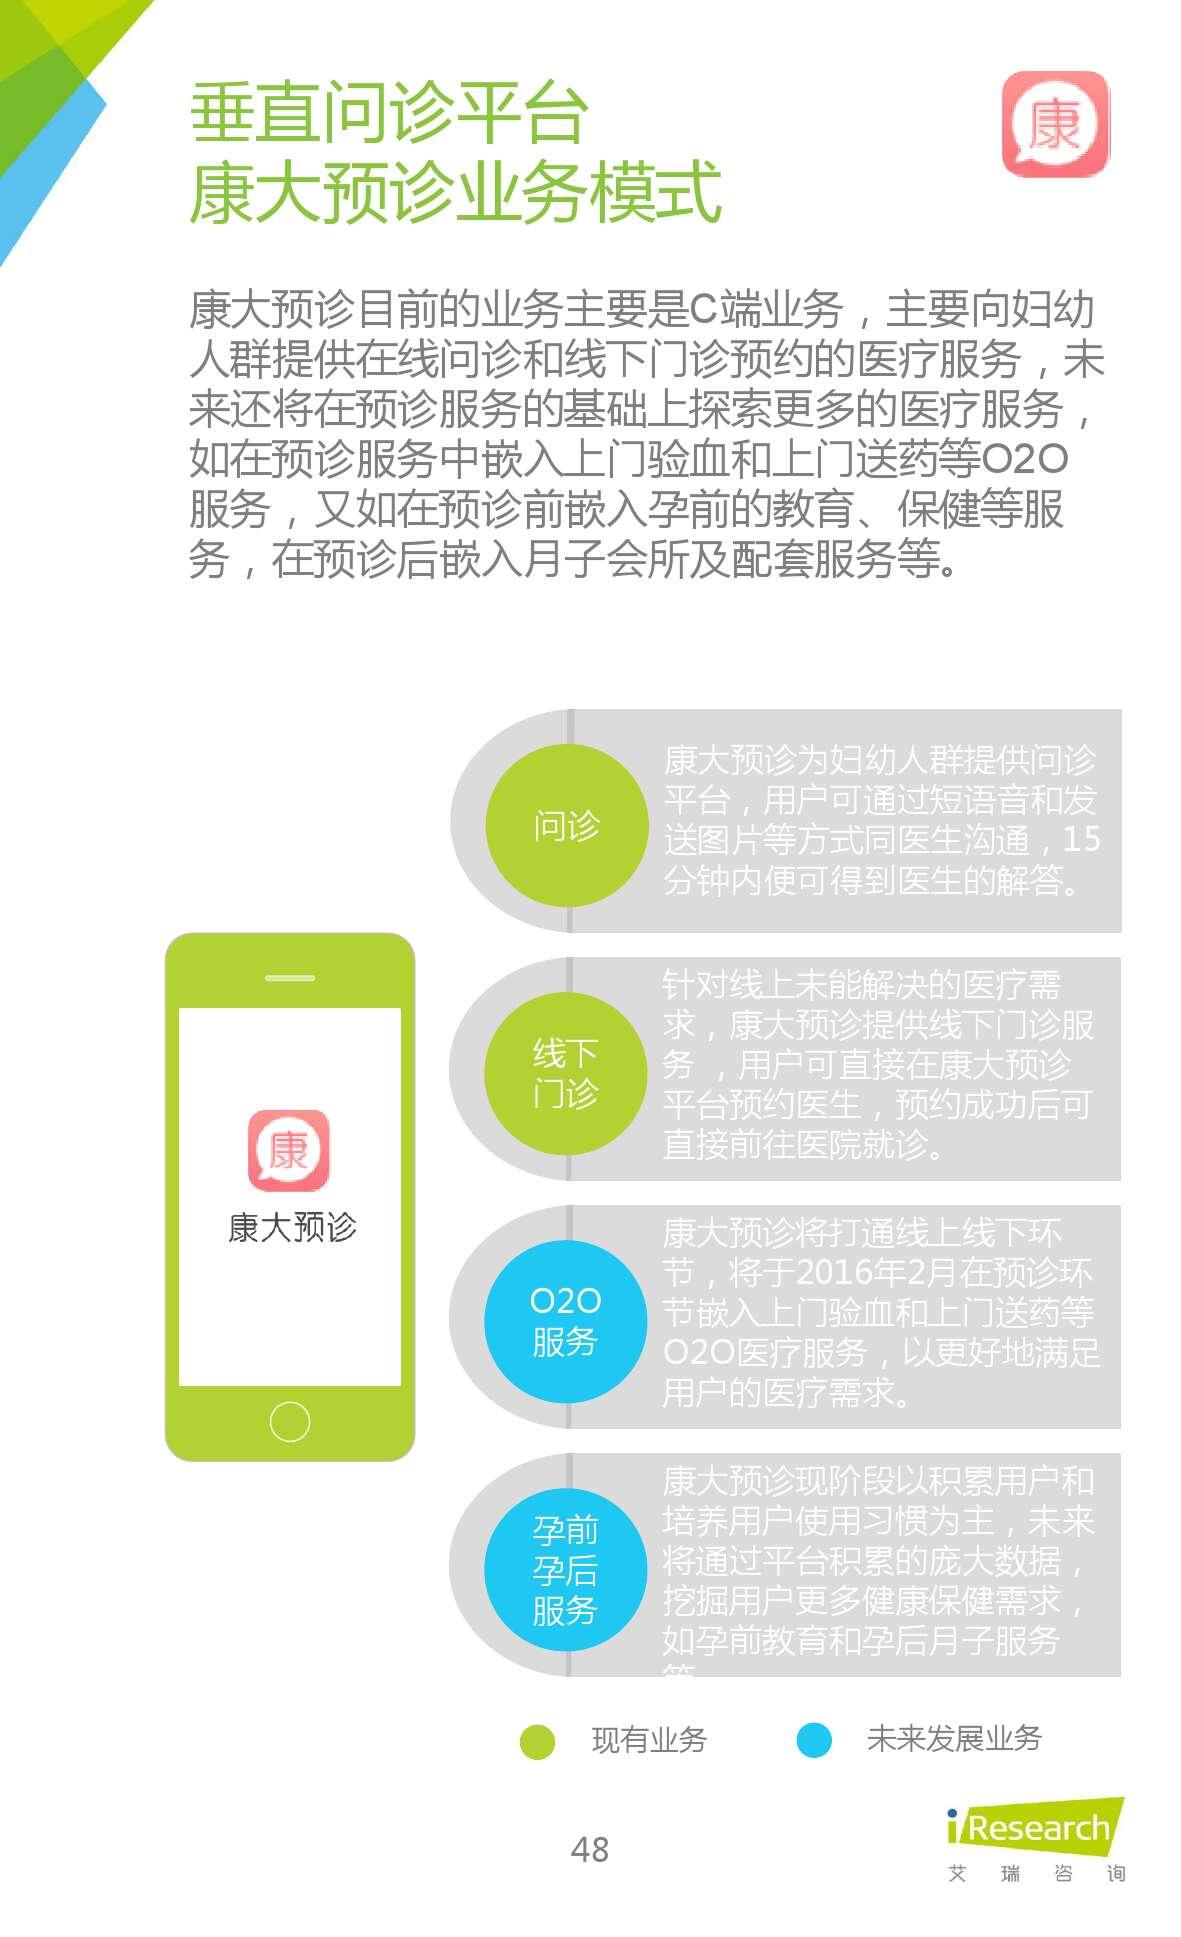 2015年中国在线问诊行业研究报告_000048